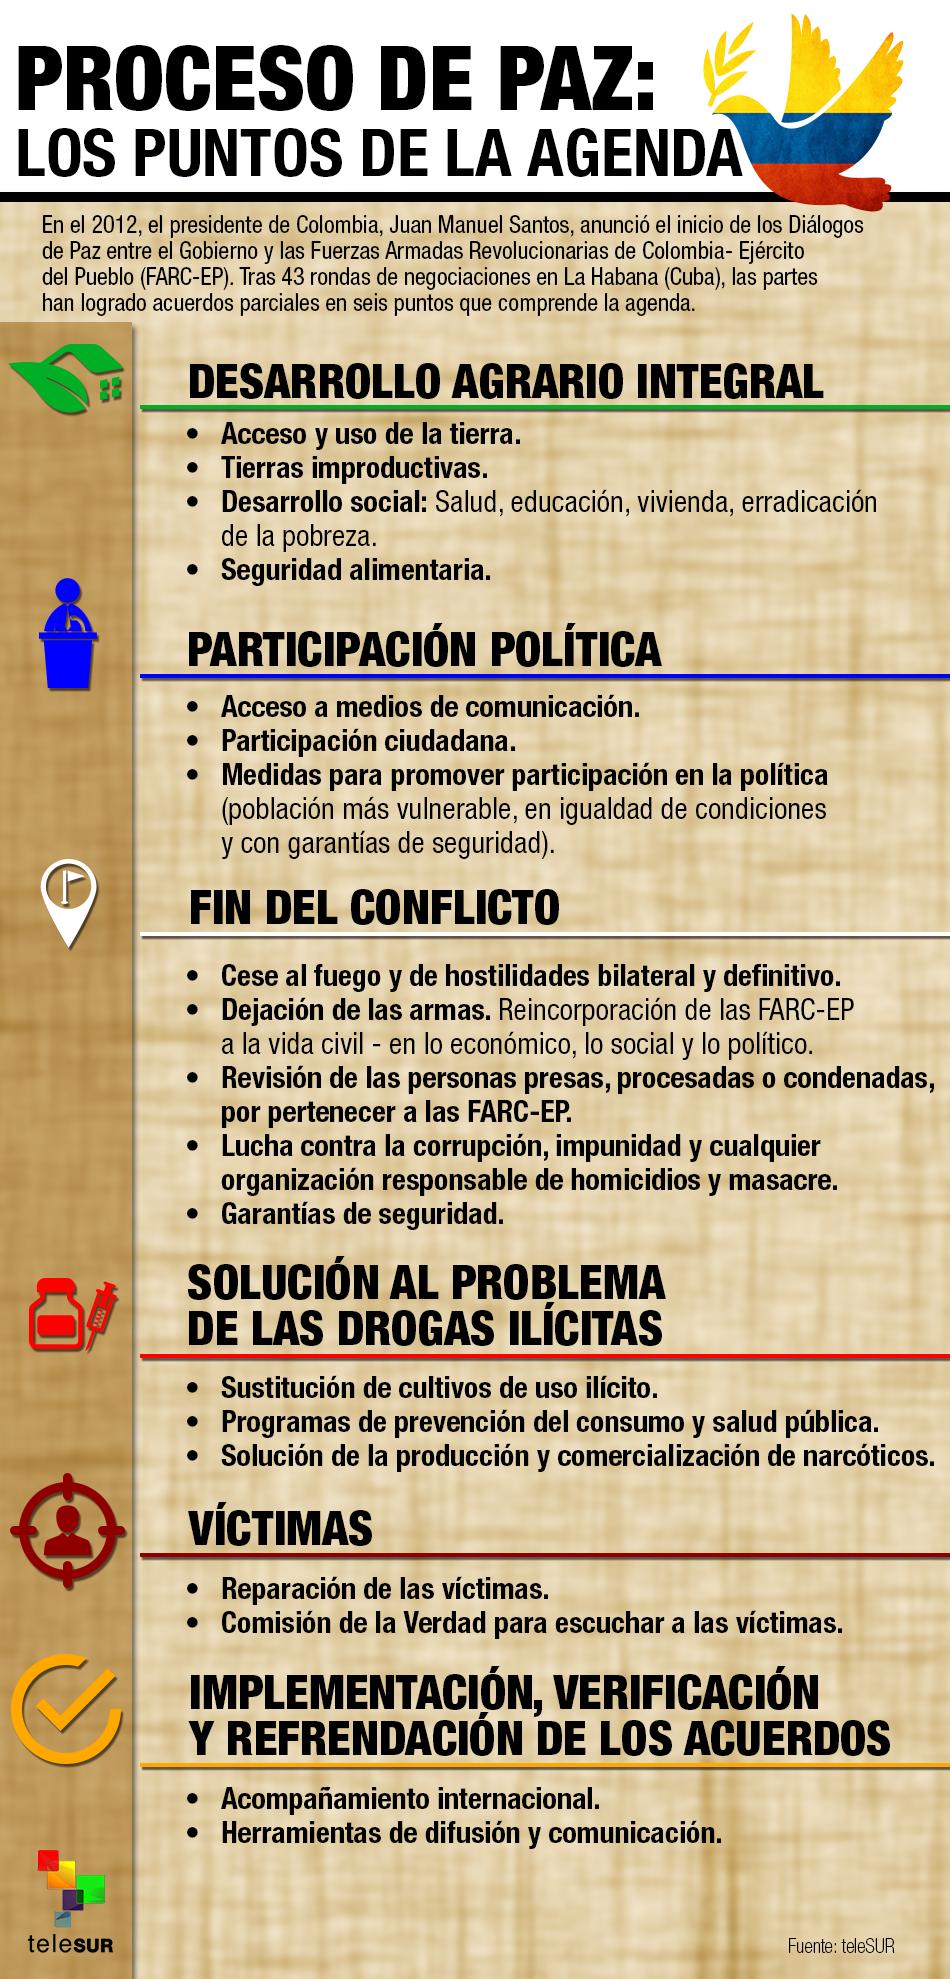 agenda.png_1404307451